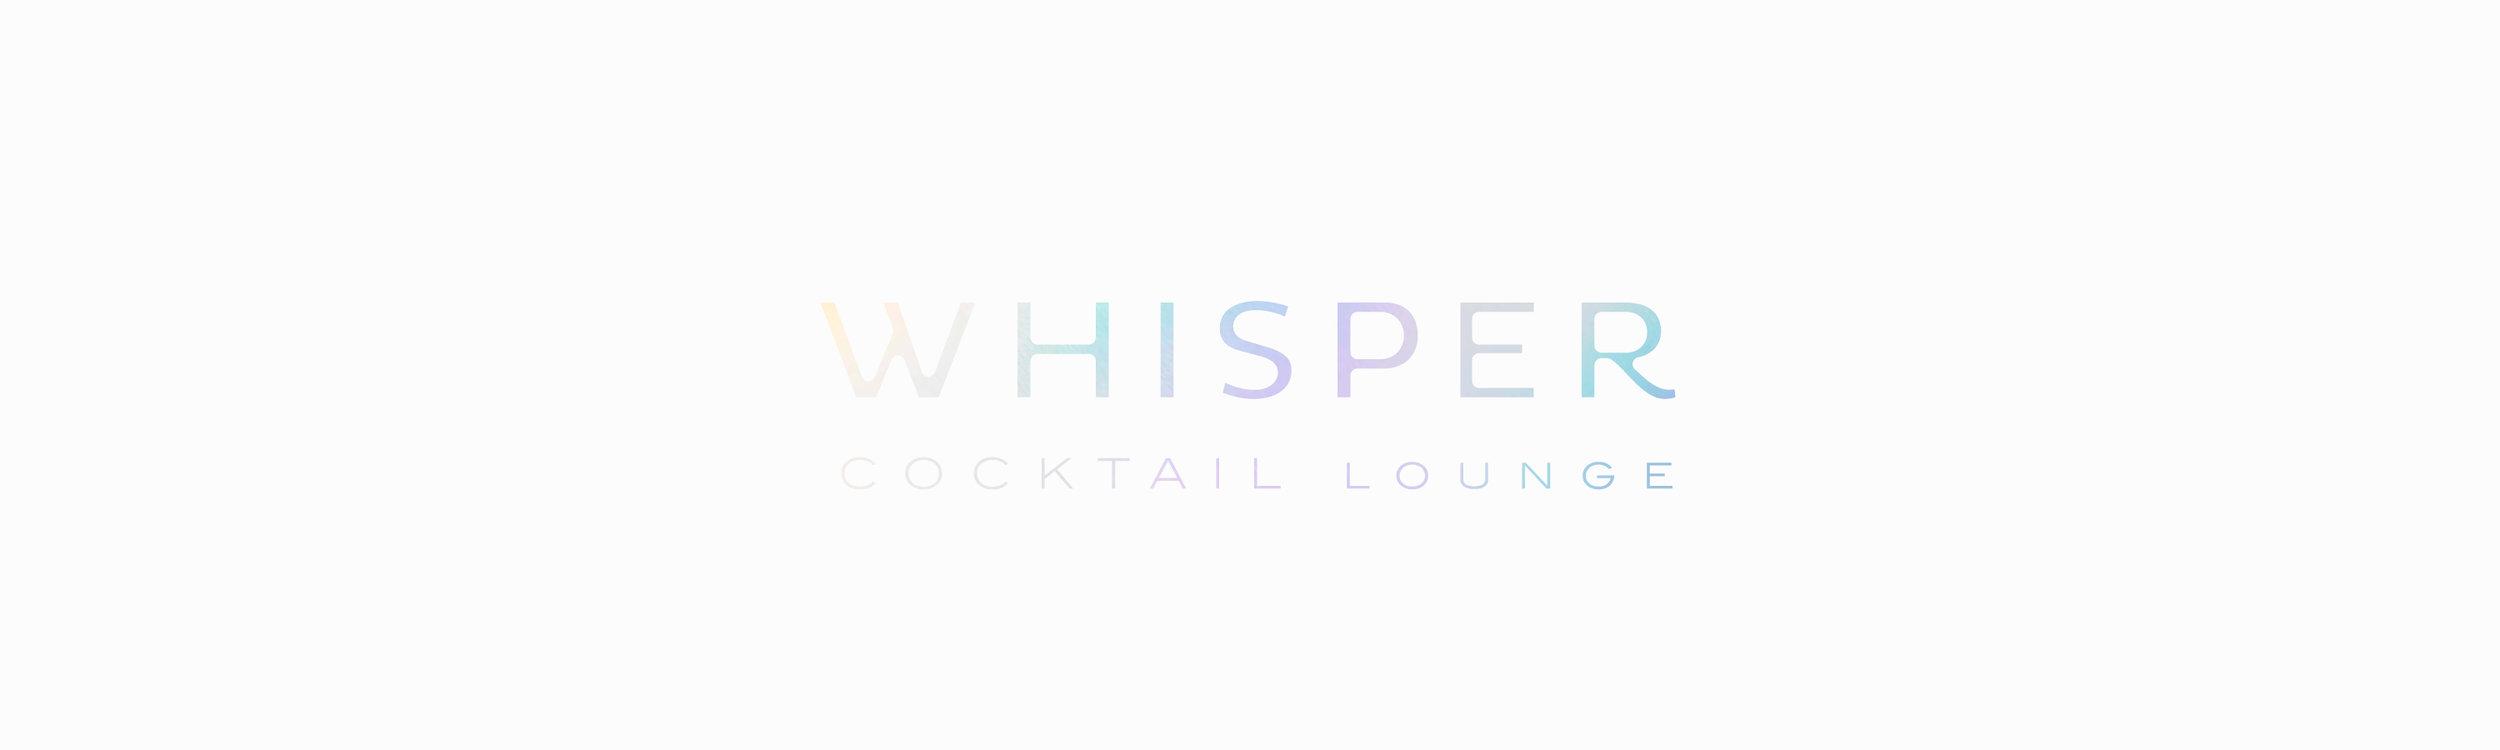 whispercocktail_lounge.jpg